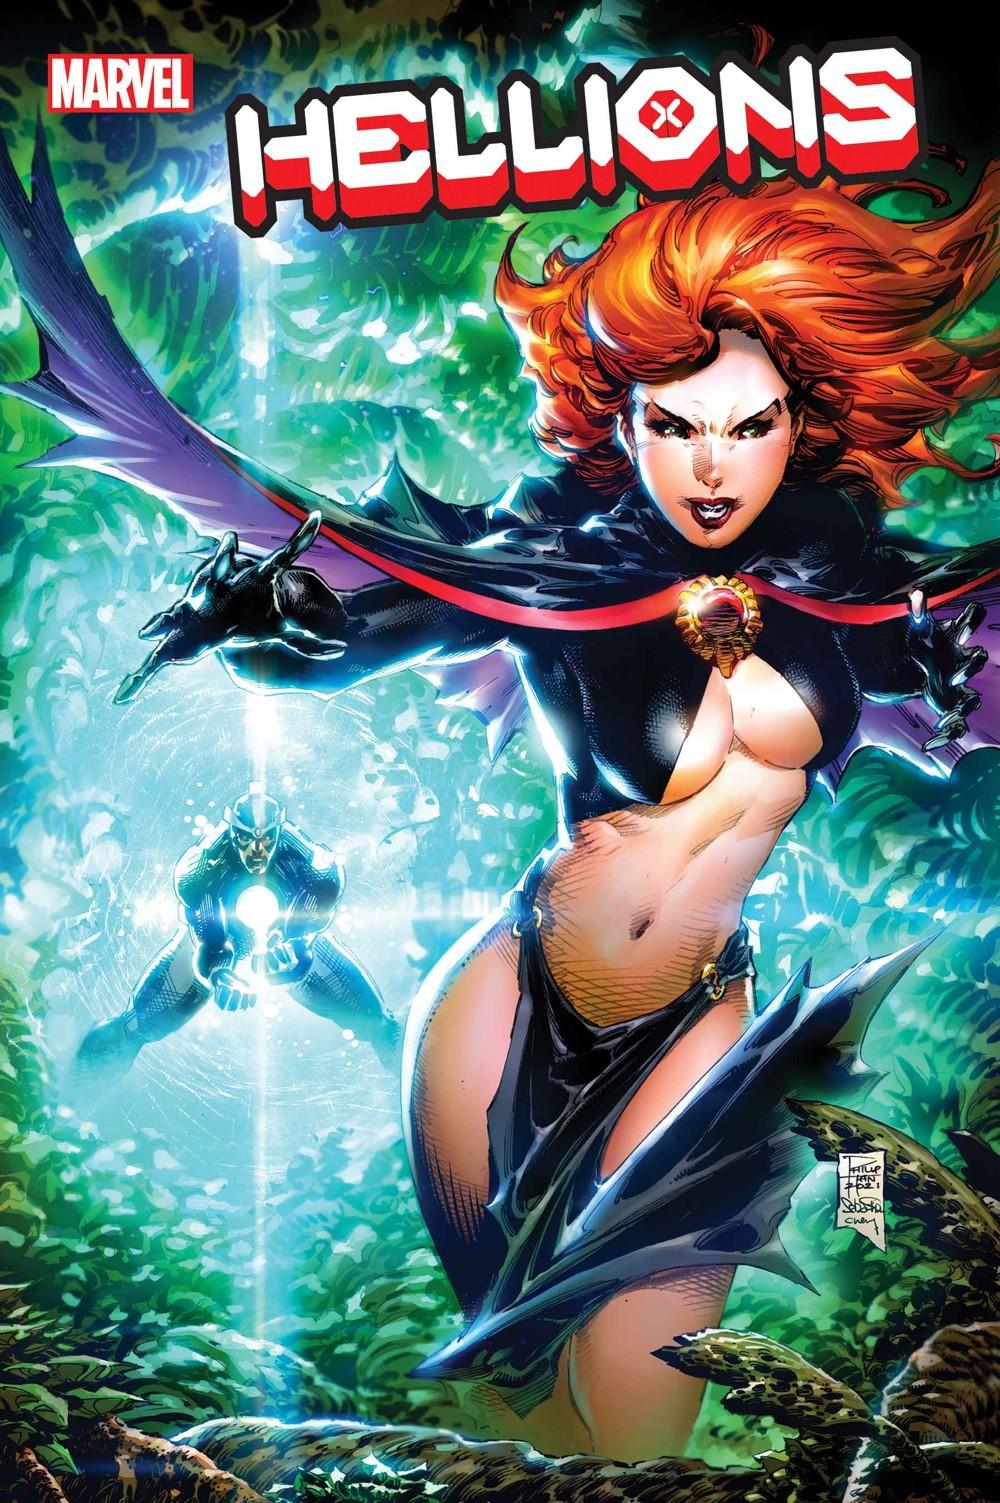 HELLIONS2020018-cover_Tan-1 Marvel Comics December 2021 Solicitations